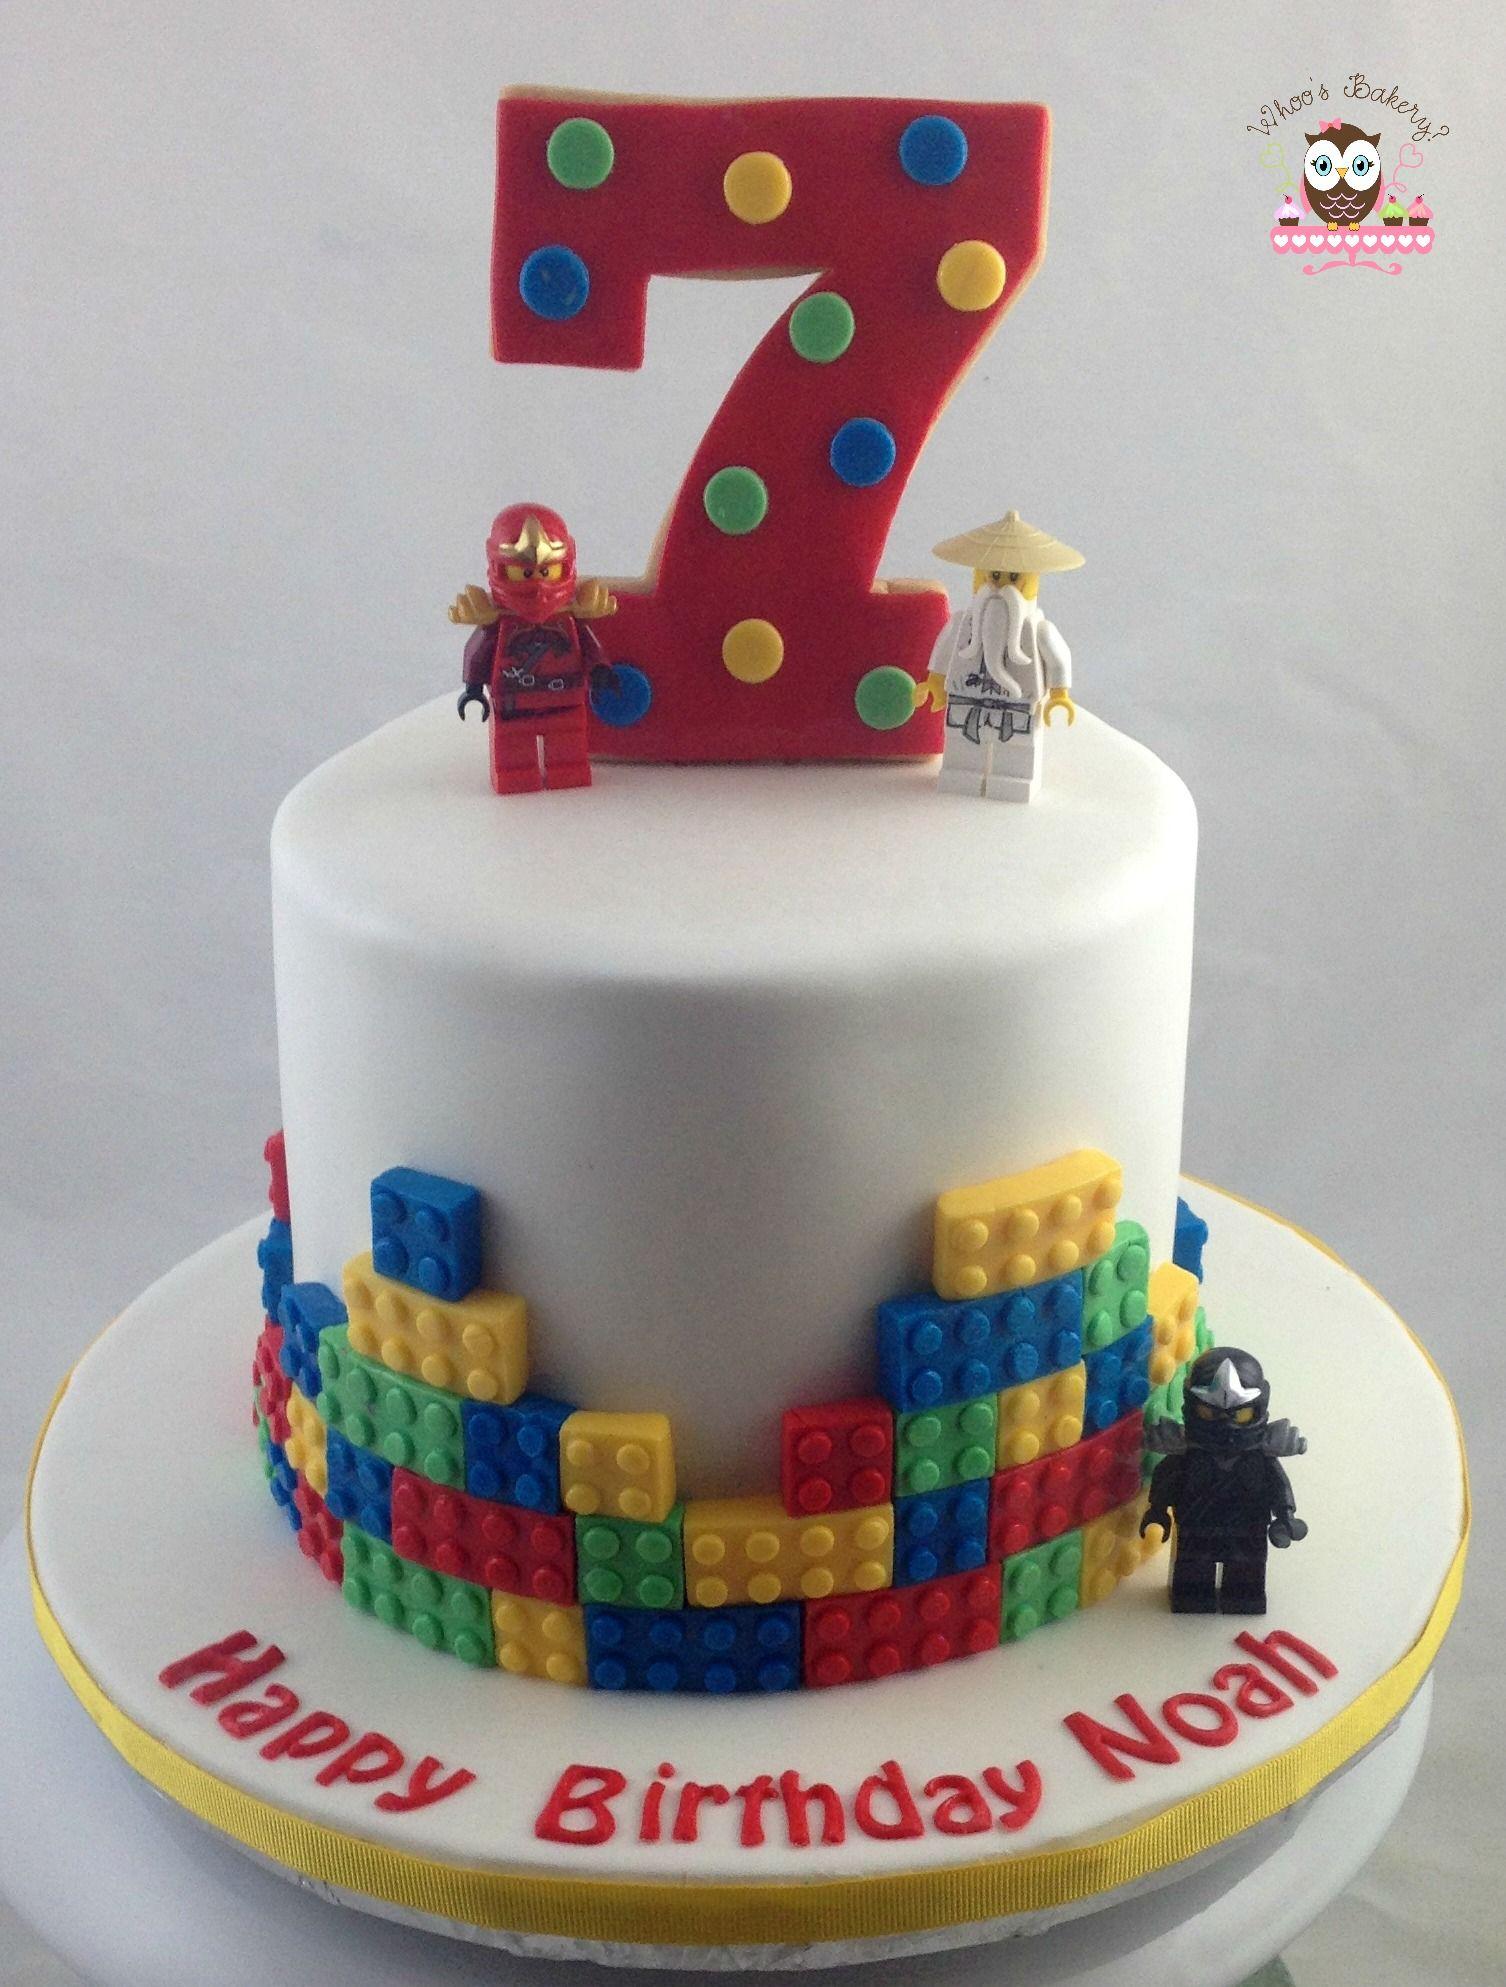 Awesome Lego Cake Lego Ninja Cake Lego Birthday Cake Lego Cake Funny Birthday Cards Online Fluifree Goldxyz